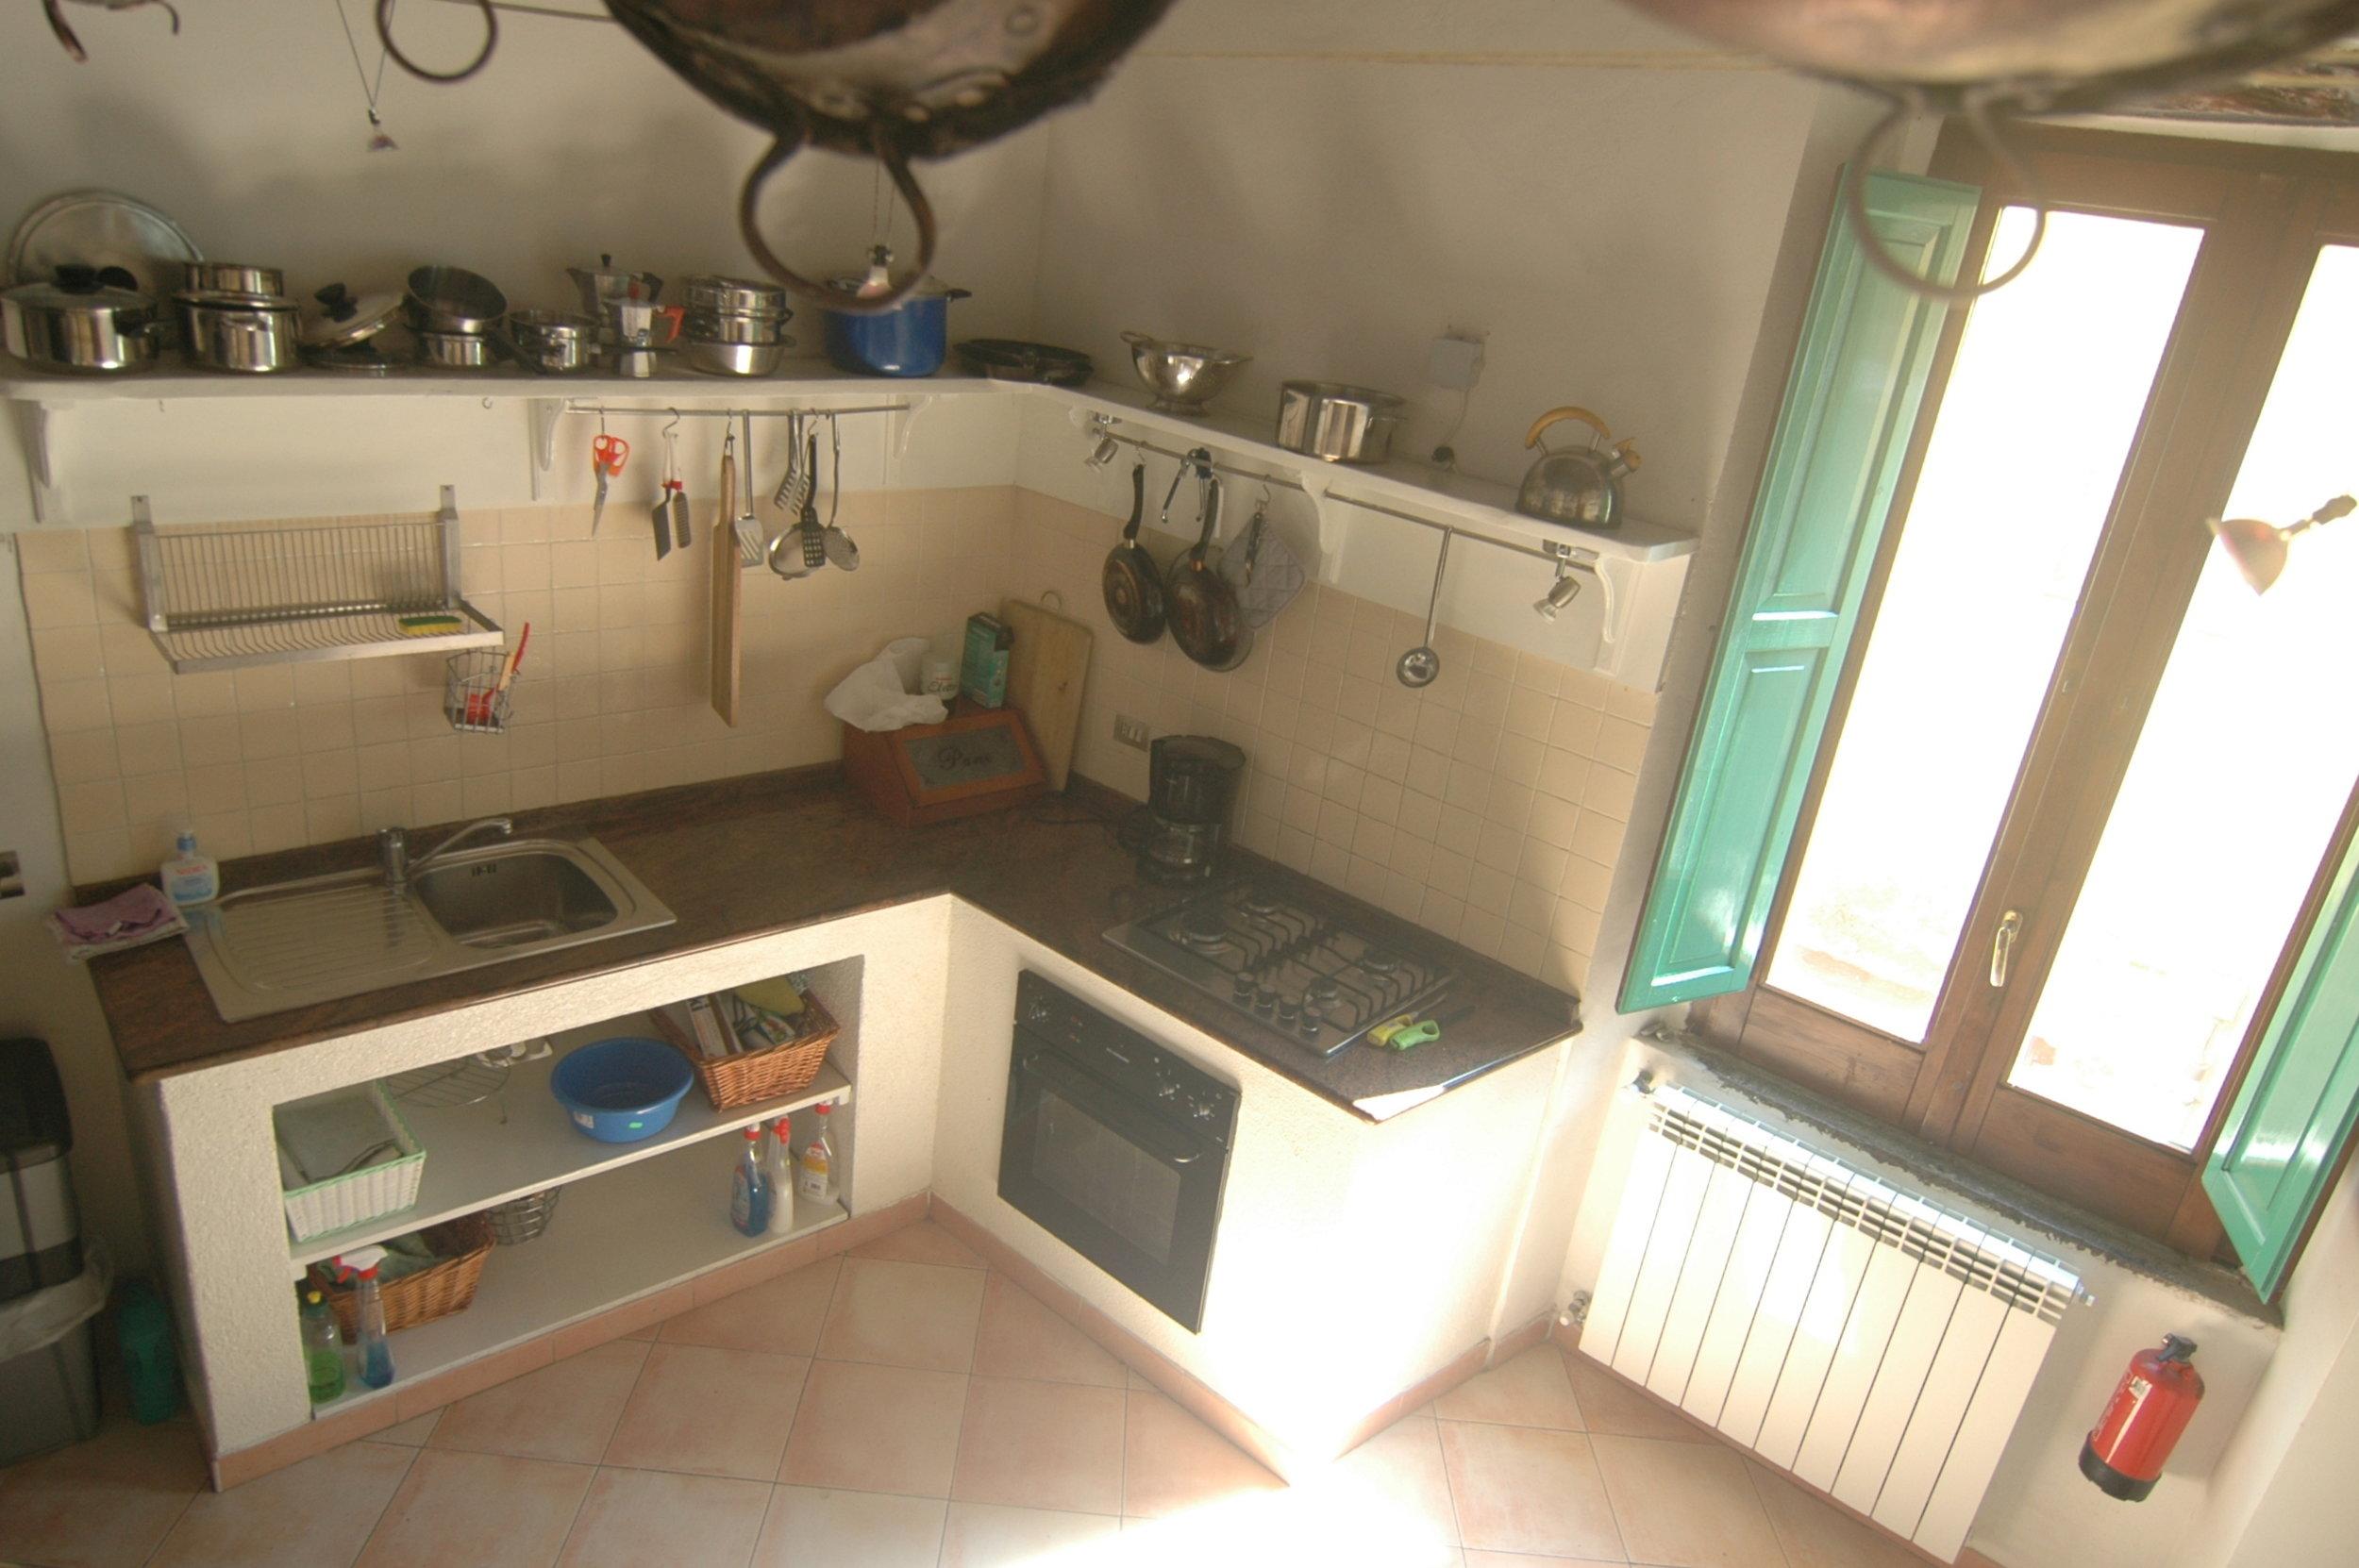 keuken met granieten aanrechtblad..JPG